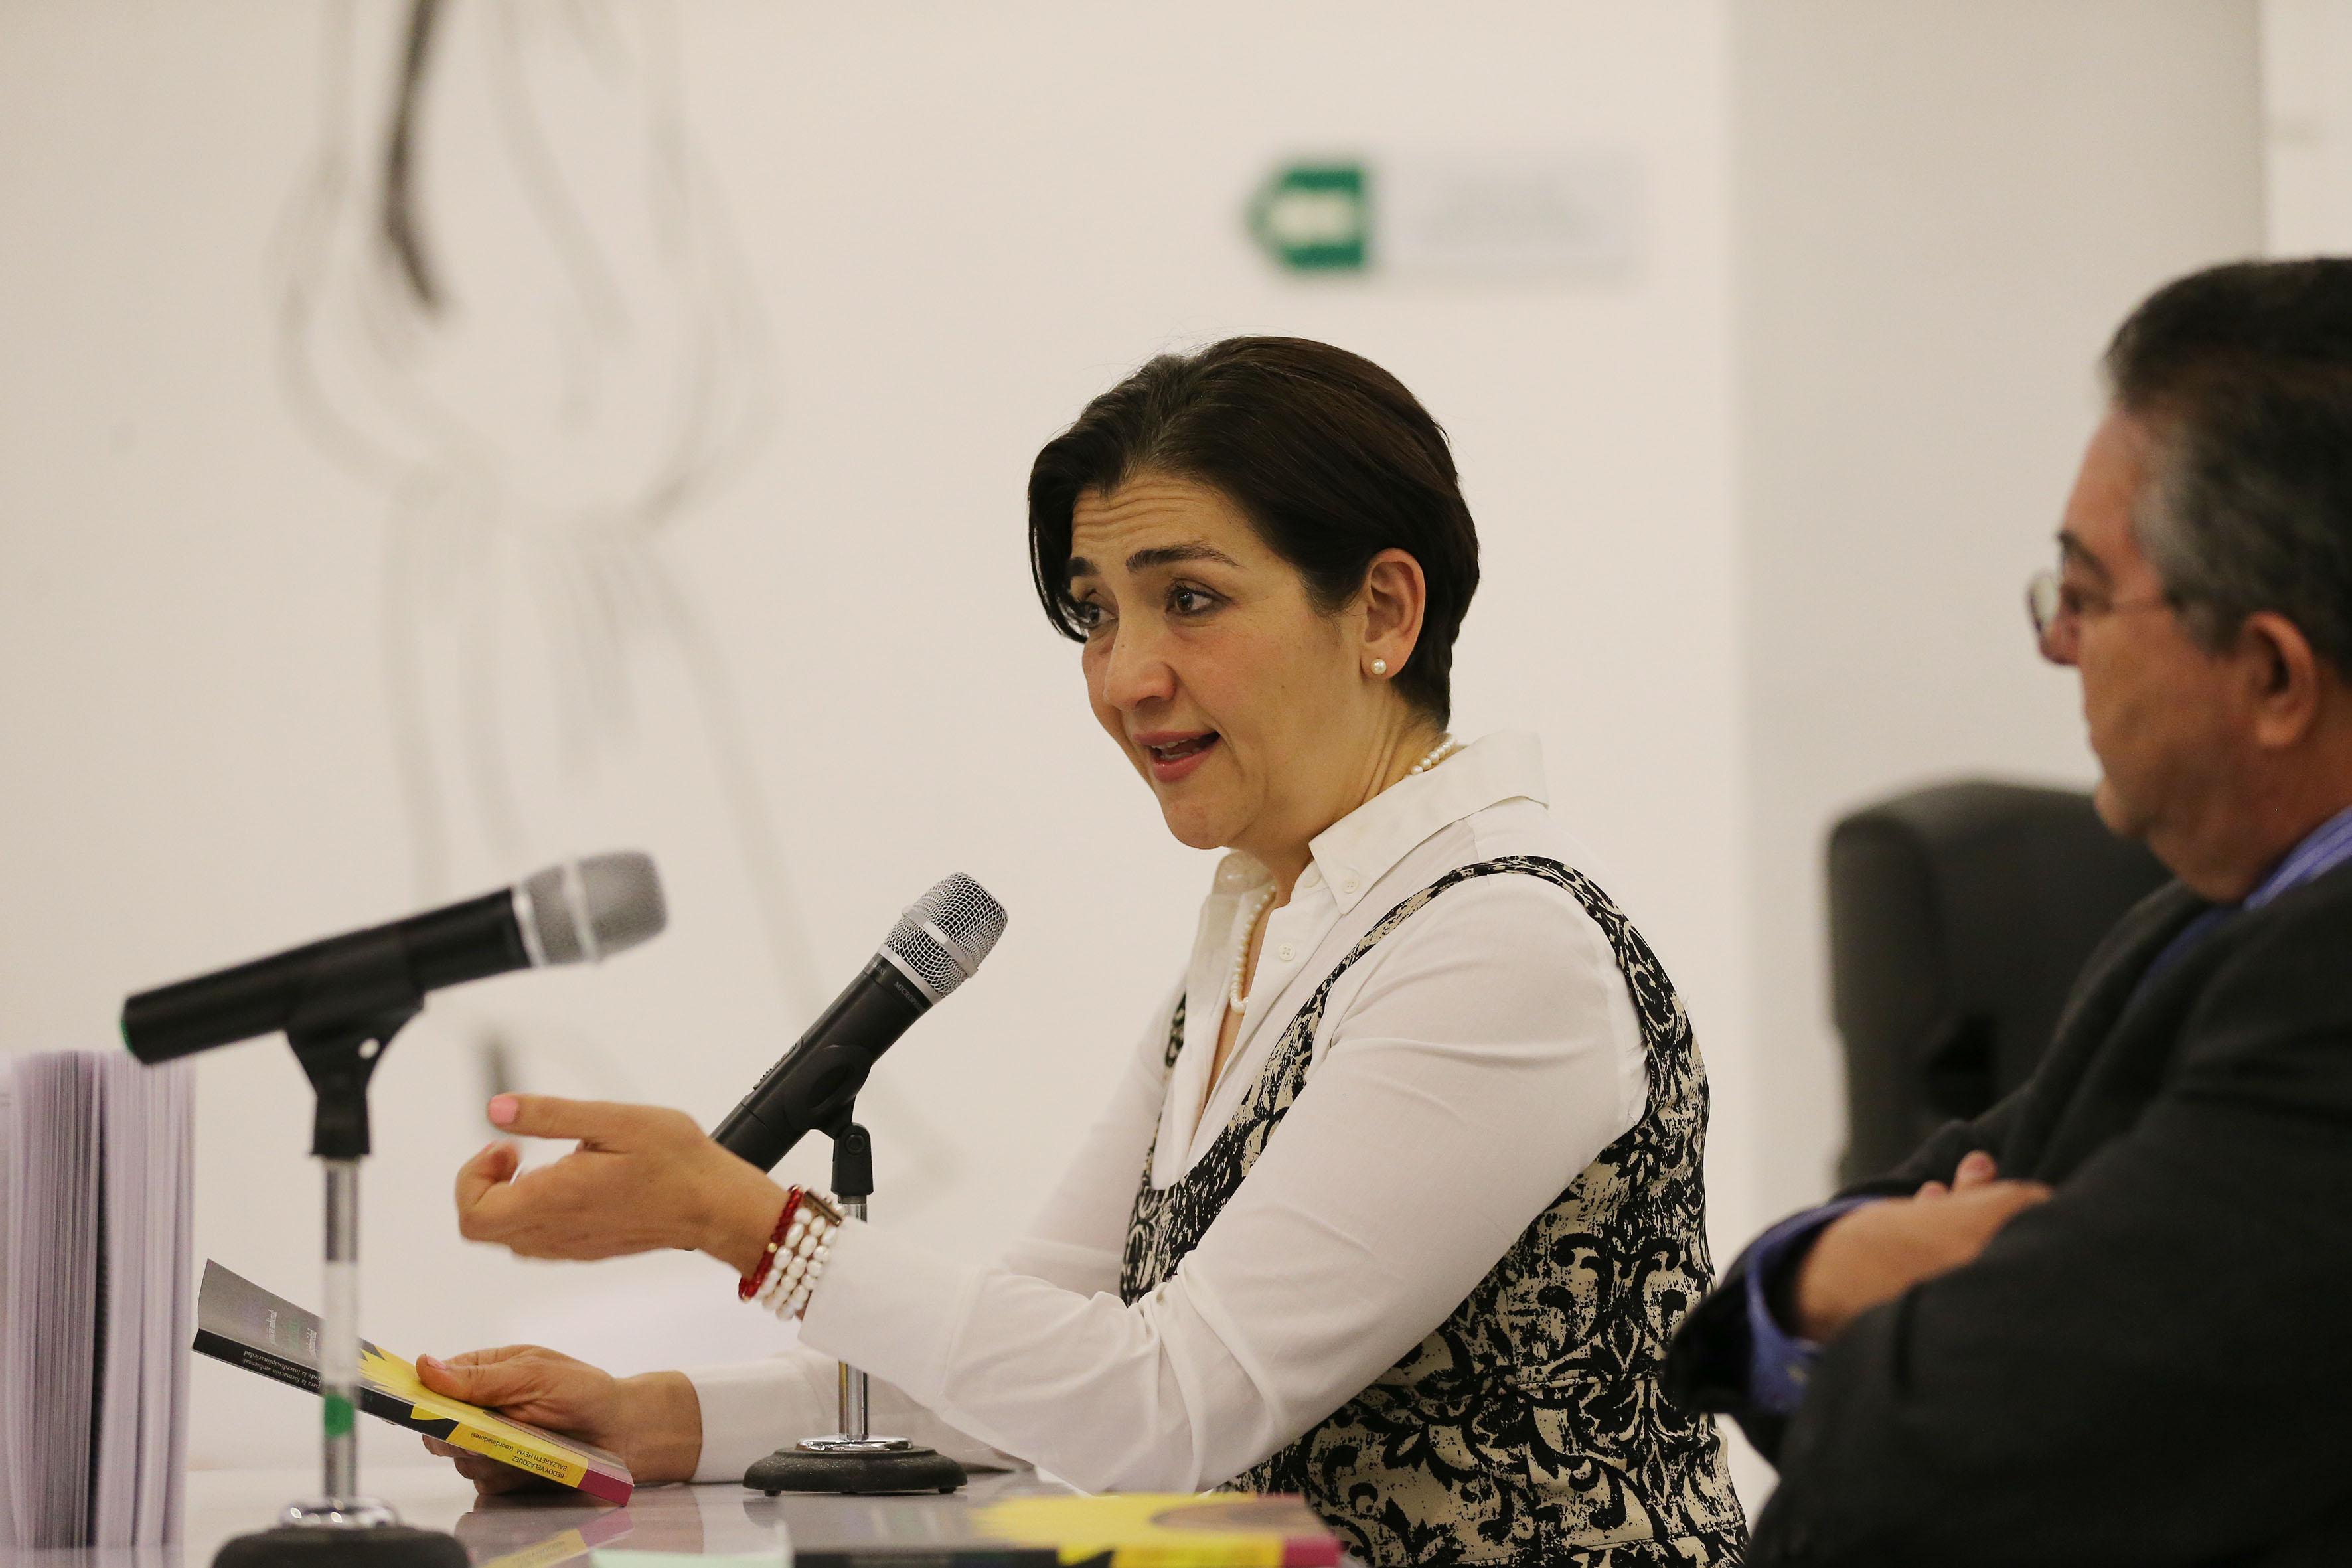 Tiitular de la Secretaría de Medio Ambiente y Desarrollo Territorial (Semadet), la bióloga Magdalena Ruiz Mejía; haciendo uso de la palabra.